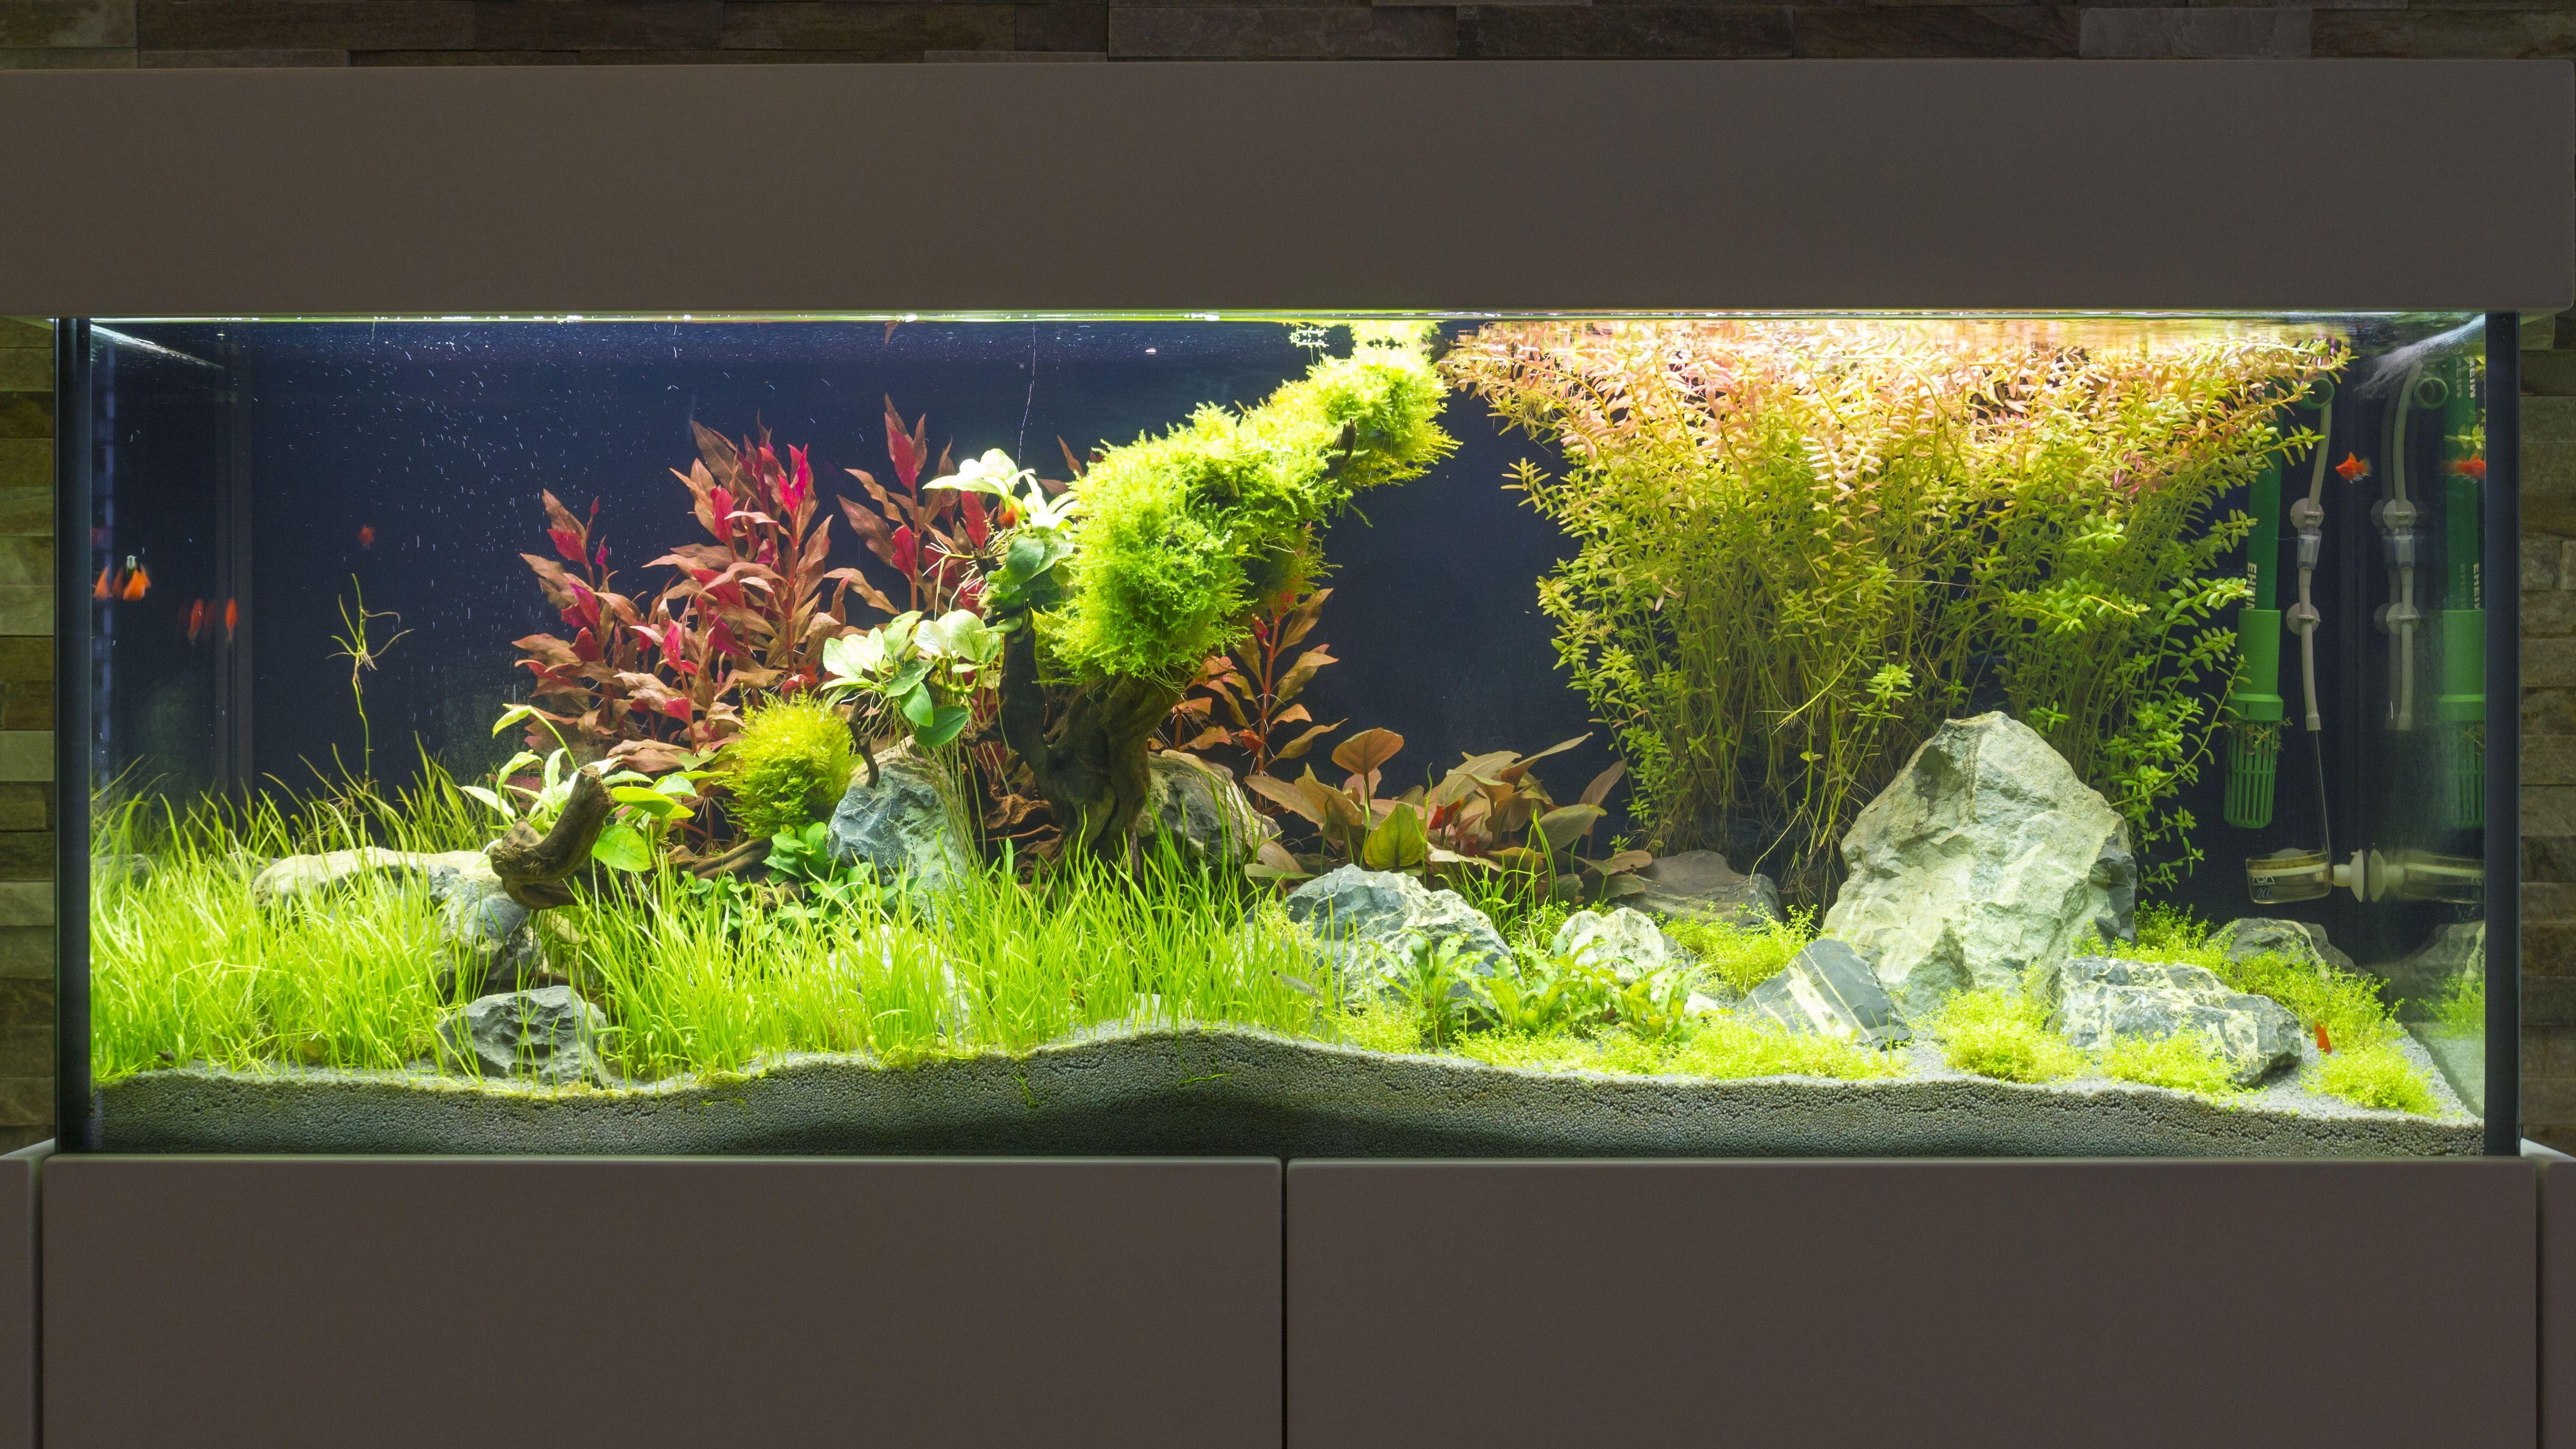 aquarium sideboard aquarium s wasseraquarium aquaristik designaquarium aquaristik. Black Bedroom Furniture Sets. Home Design Ideas